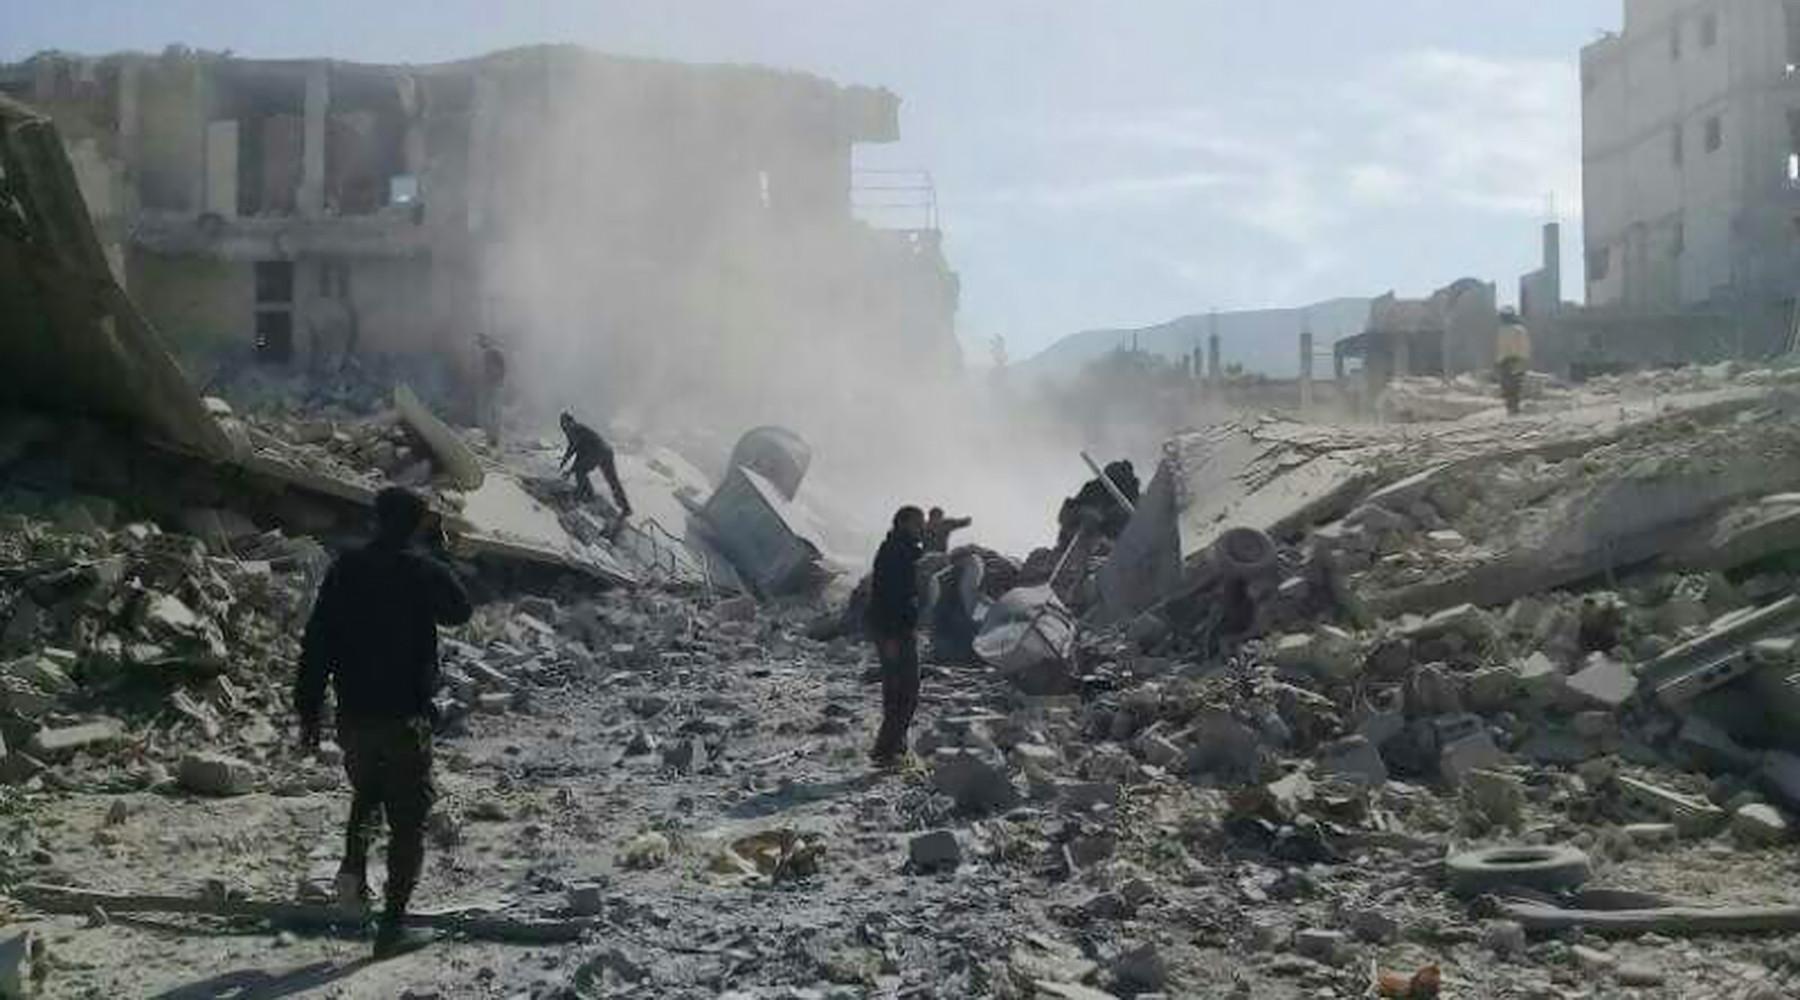 Сирия обвинила США и Великобританию в поставке химического оружия боевикам